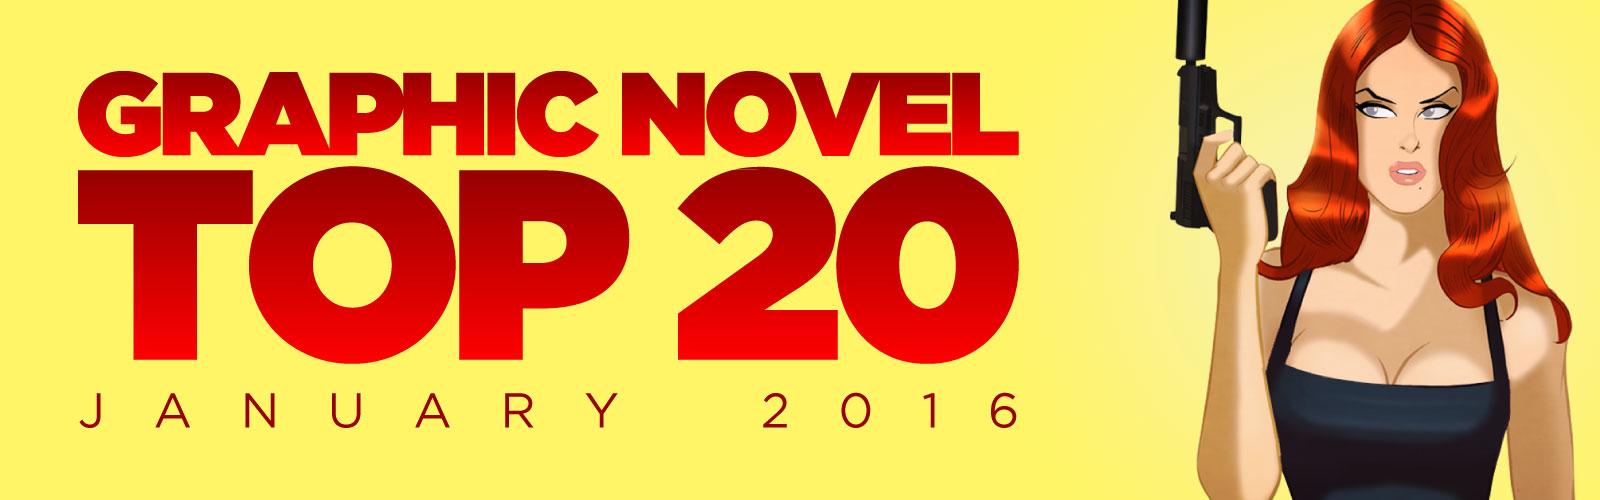 ACE Comics' Top 20 Graphic Novels Chart, January 2016